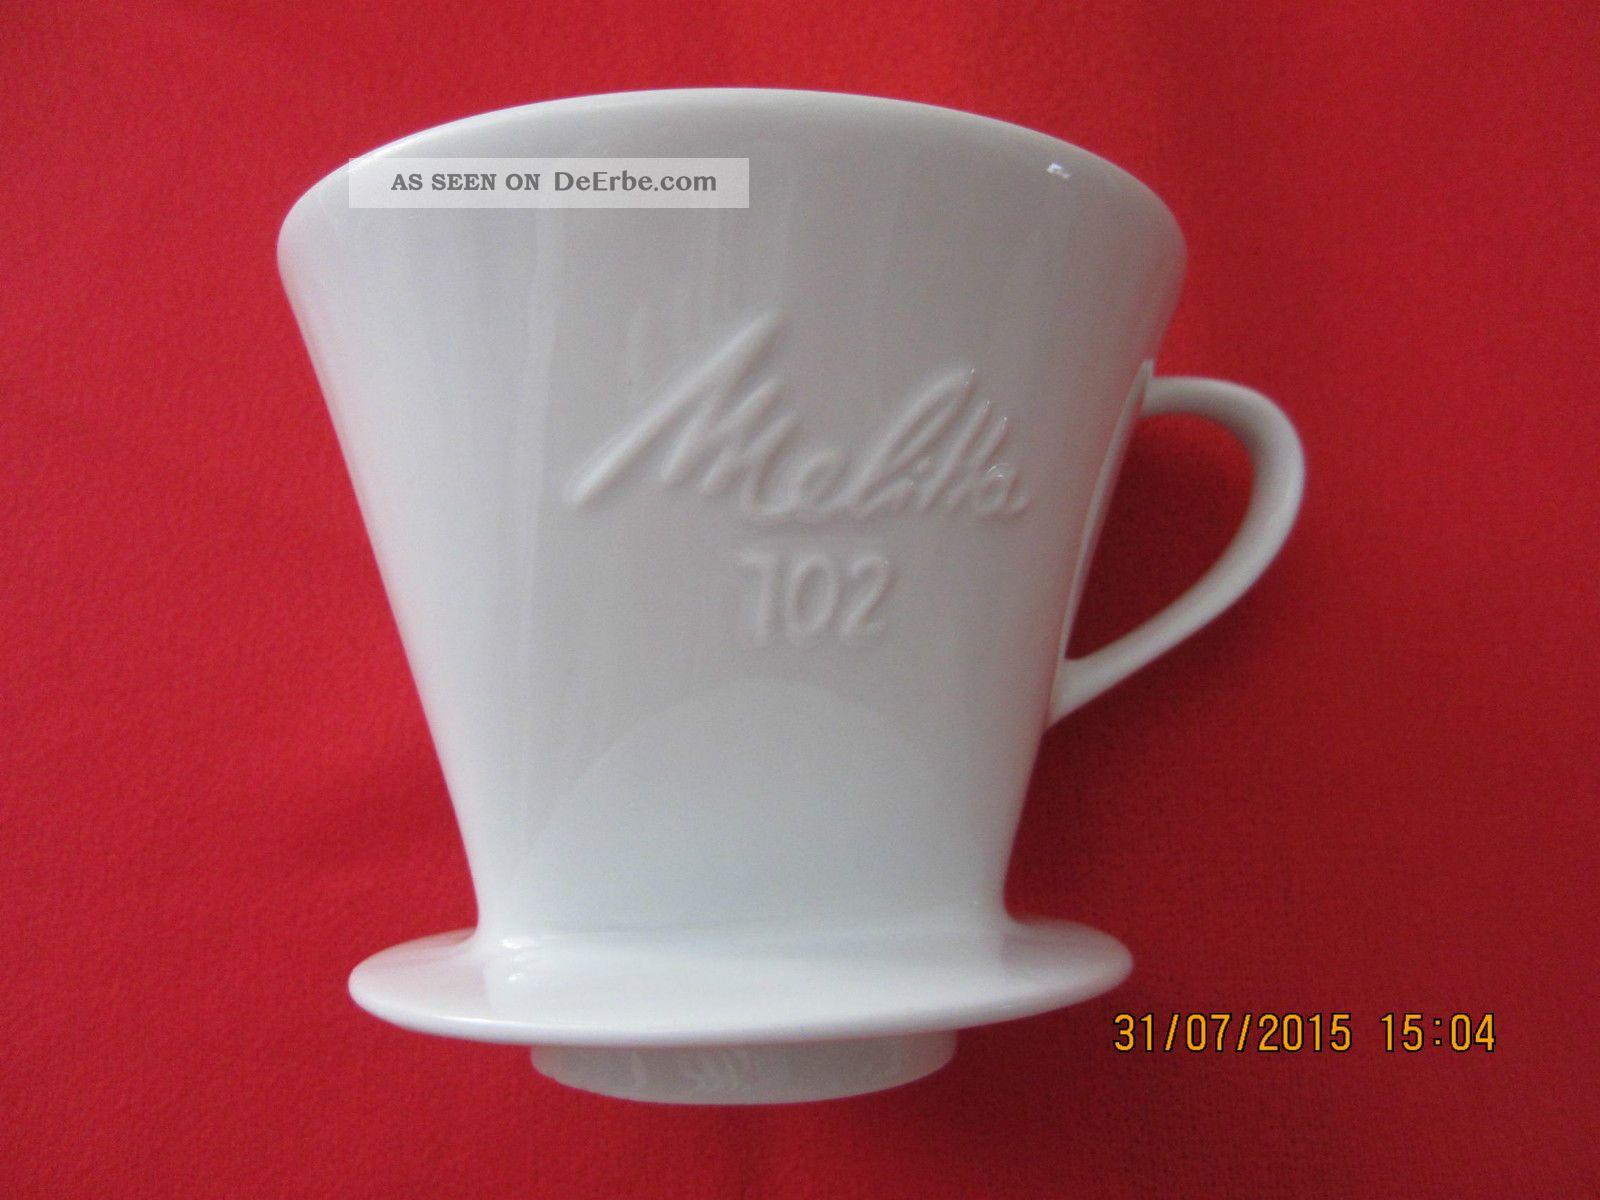 alter melitta kaffeefilter 102 porzellan 1 loch. Black Bedroom Furniture Sets. Home Design Ideas